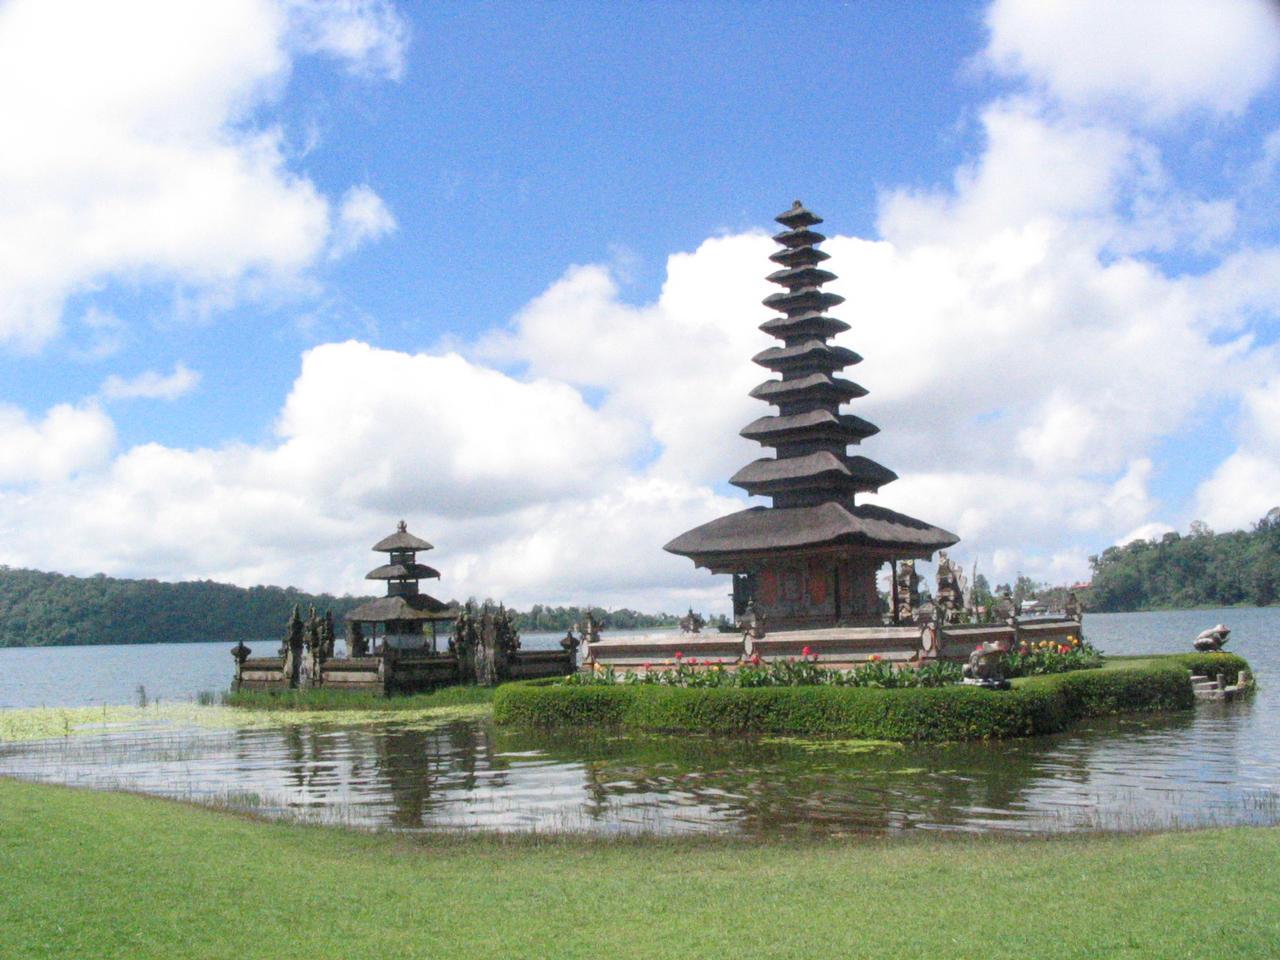 Jakarta Indonesia  City pictures : Pura Besakih, ook bekend als de moeder tempel, is de belangrijkste van ...